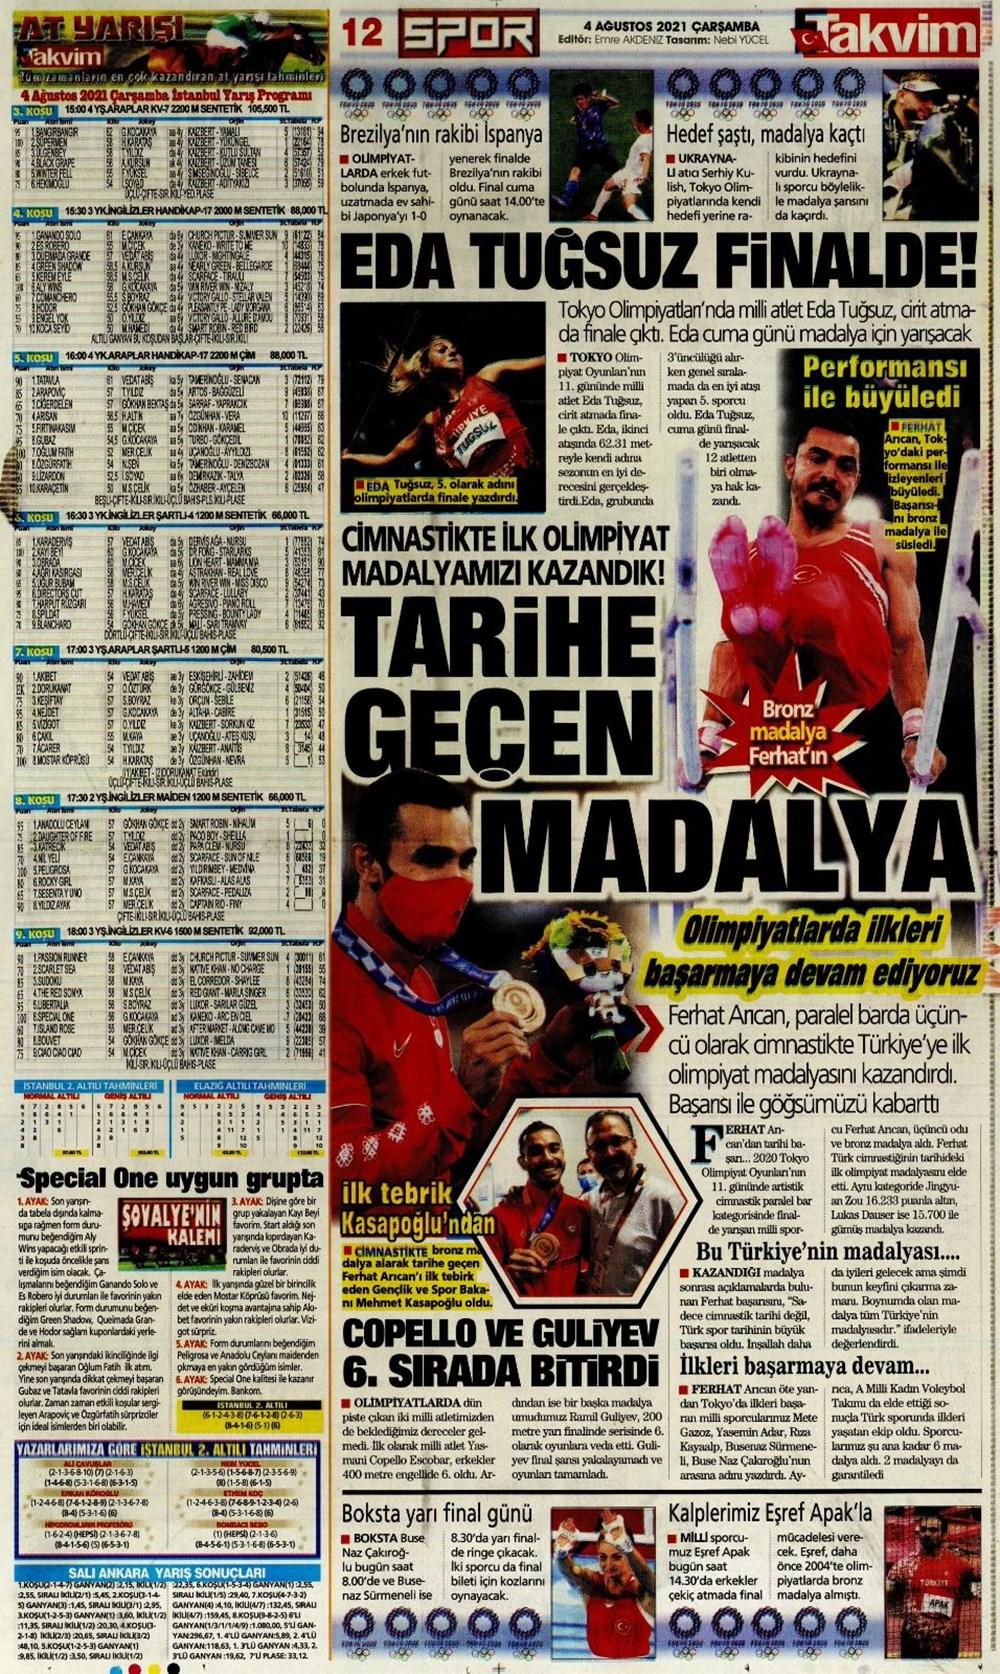 Günün spor manşetleri (4 Ağustos 2021) - 12